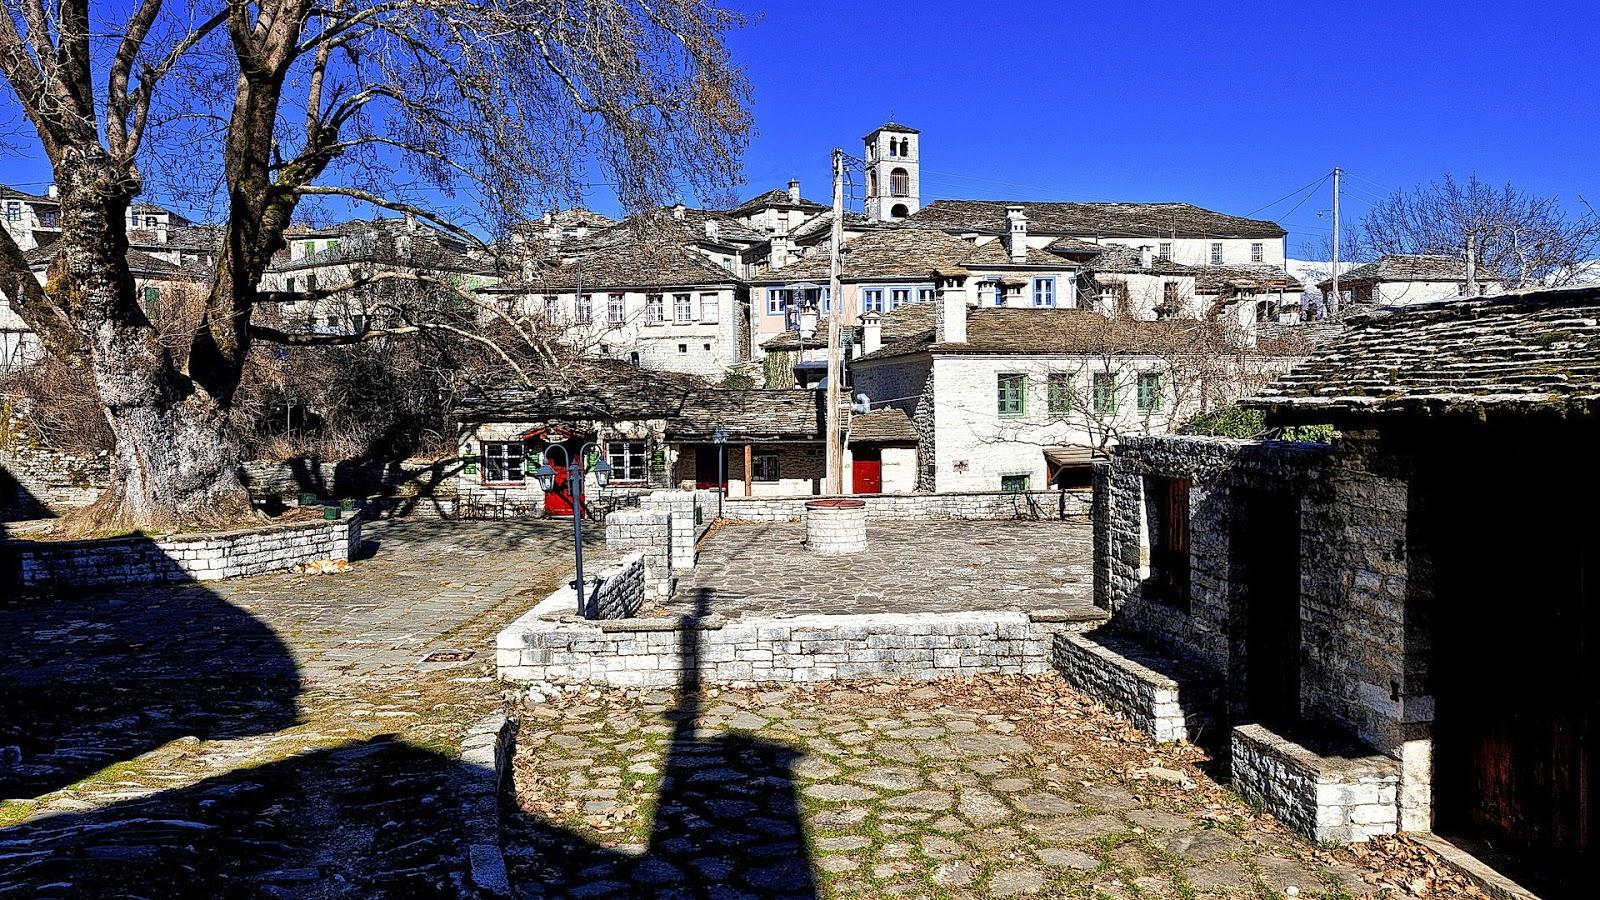 Δίλοφο:Του είπε πως νοσταλγεί το χωριό της και εκείνος ...έχτισε το  ψηλότερο αρχοντικό του Ζαγορίου ... - EPIRUS TV NEWS